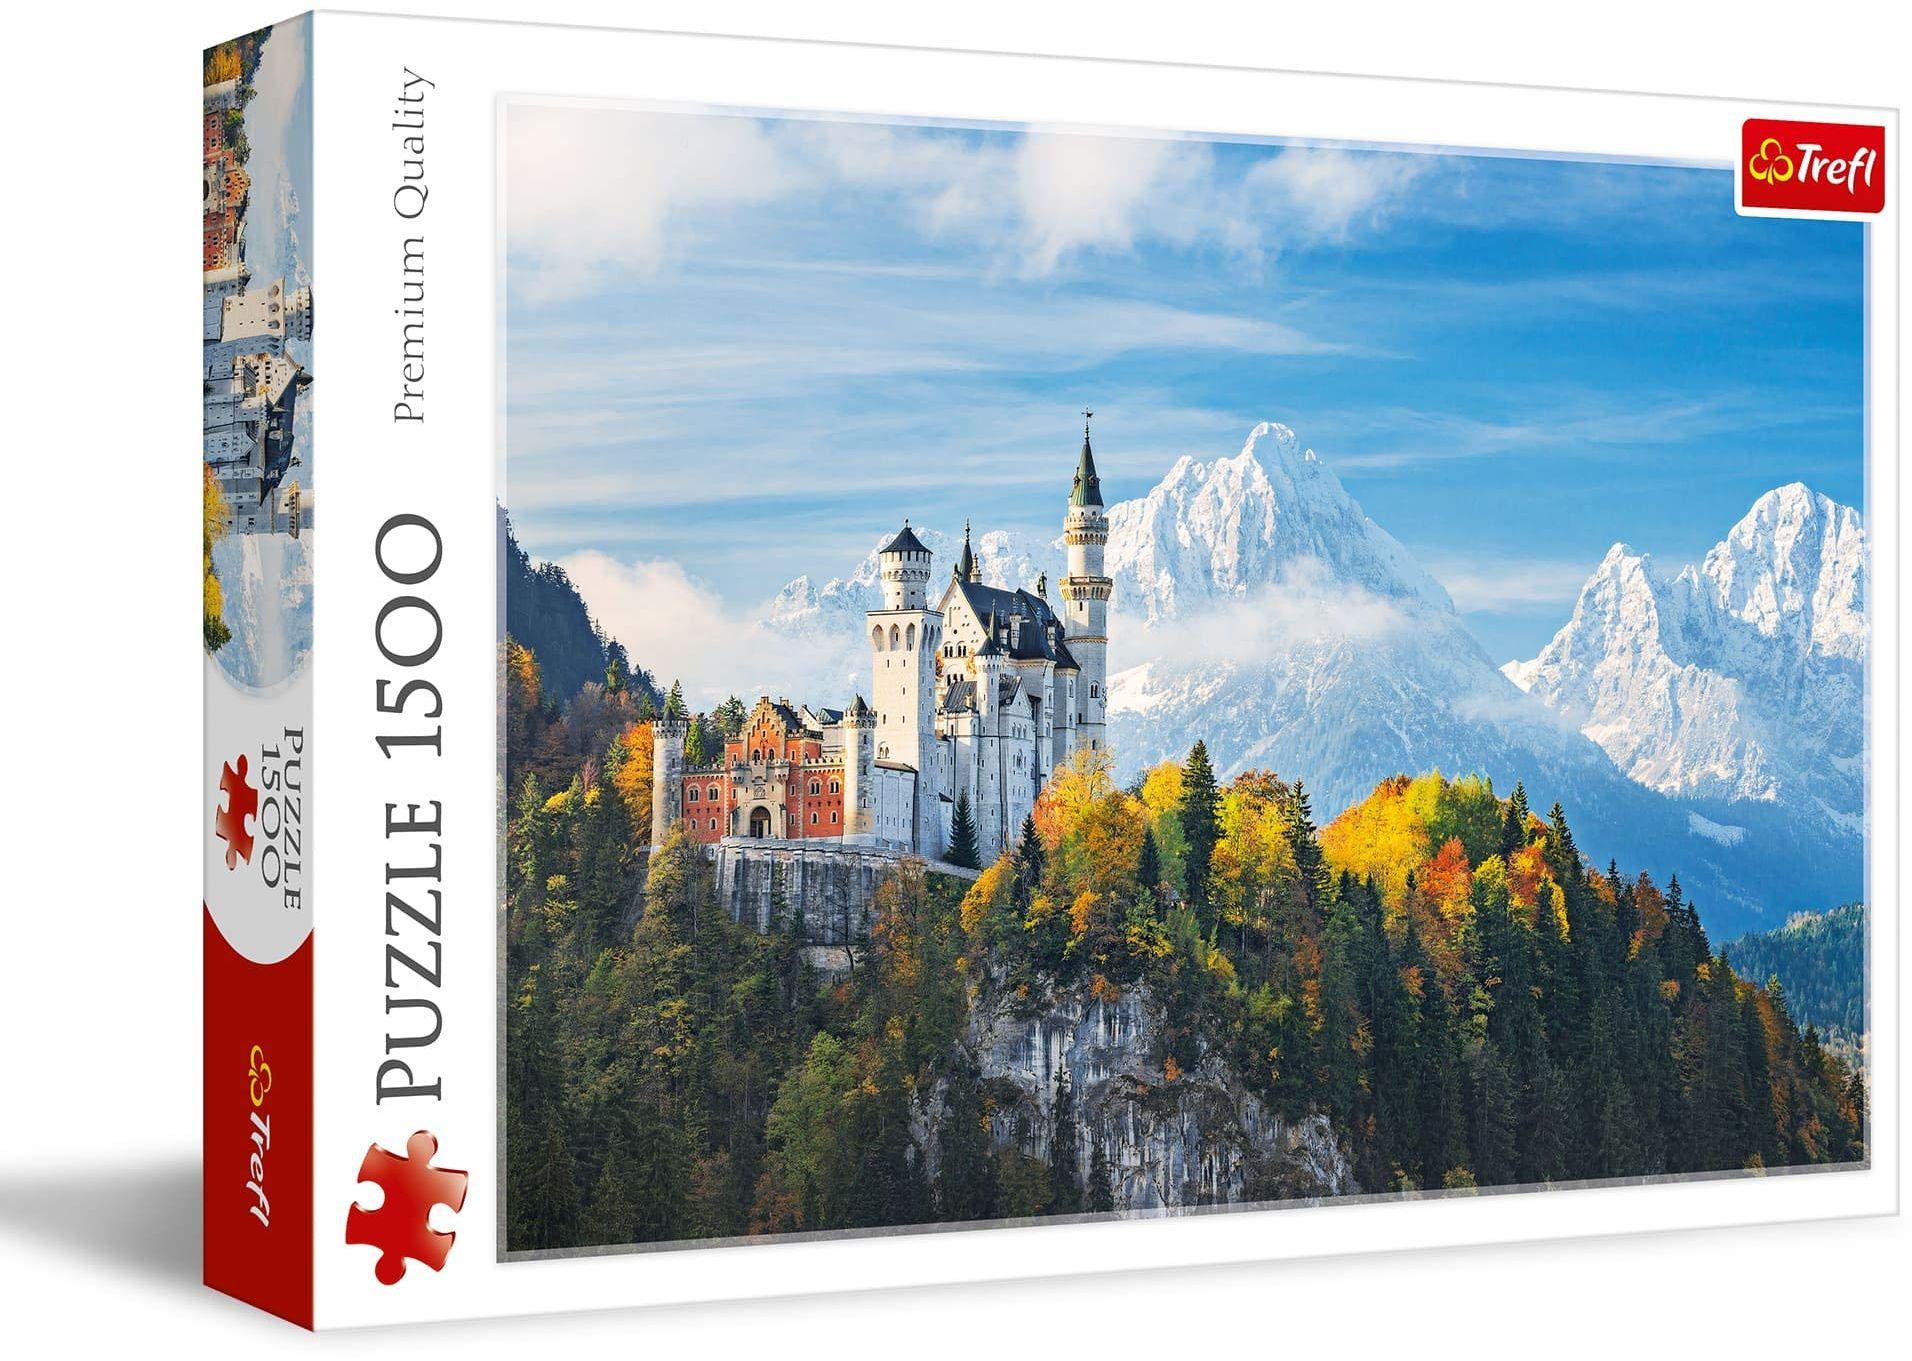 Trefl Alpy Bawarskie Puzzle 1500 Elementów o Wysokiej Jakości Nadruku dla Dorosłych i Dzieci od 12 lat